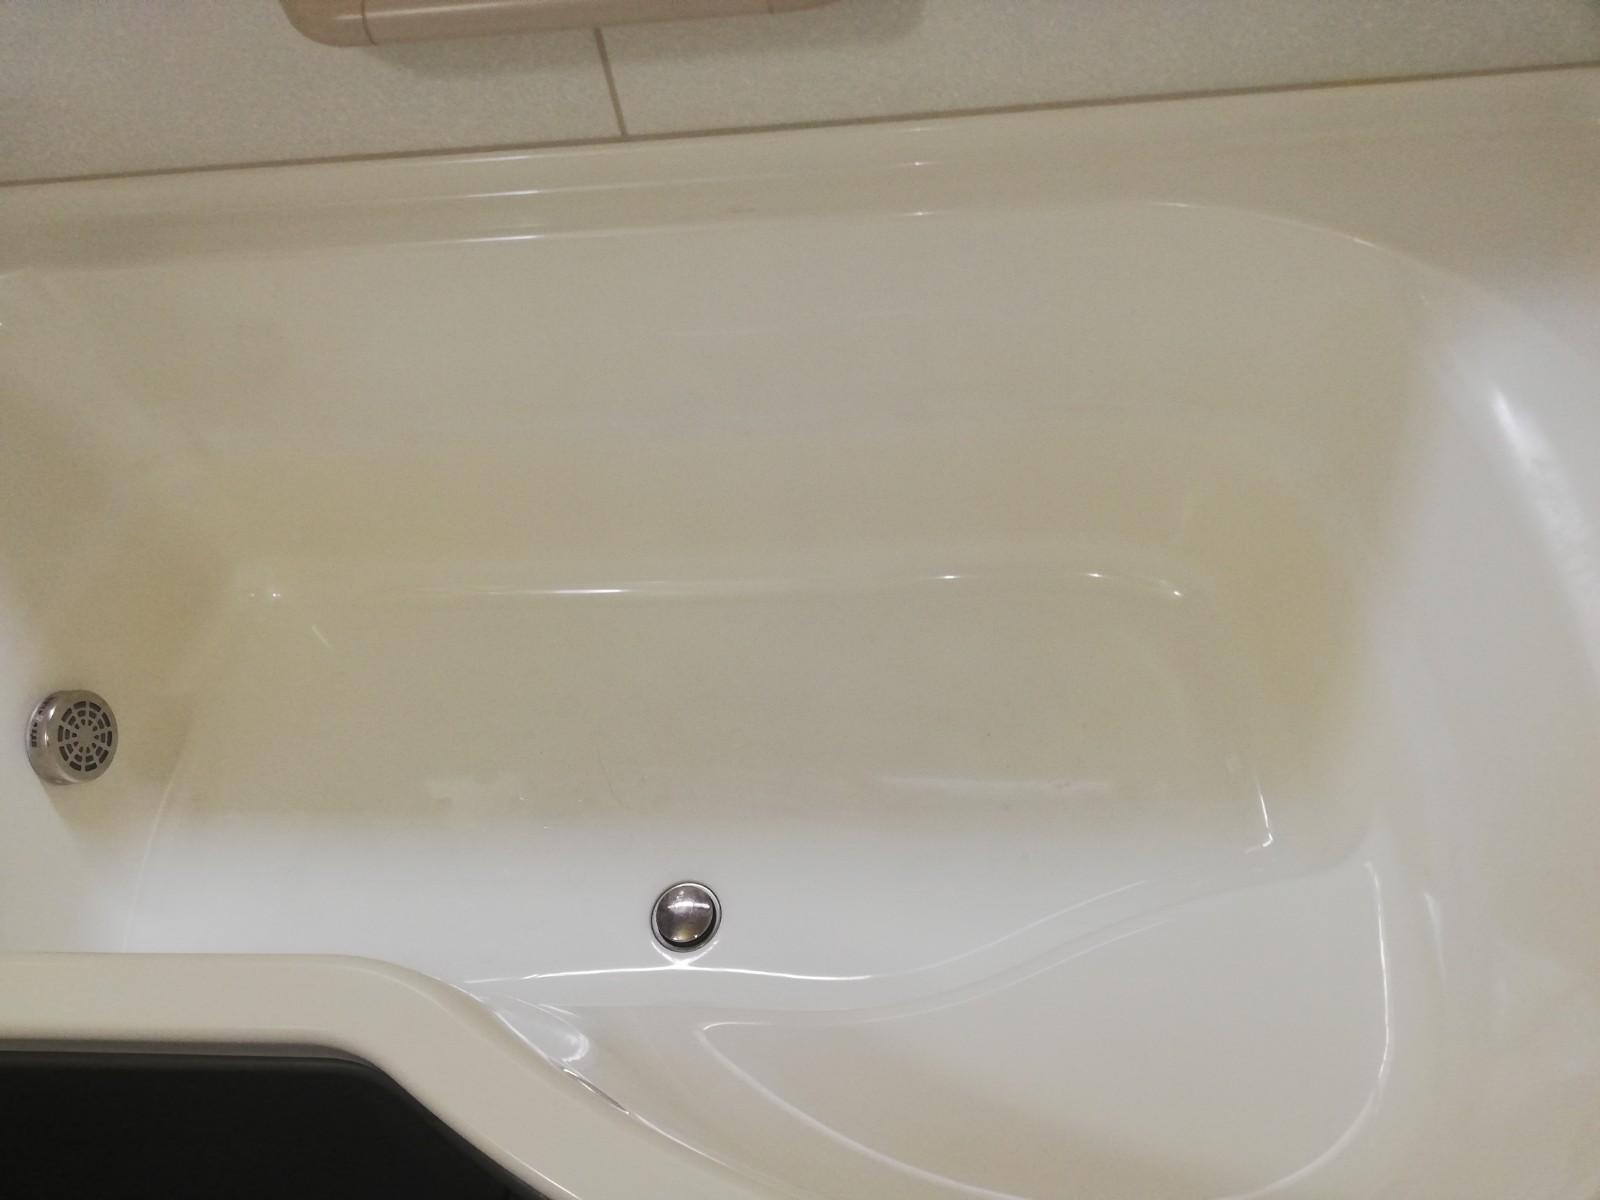 浴室の黒ずみリングをキレイにとりたい!After